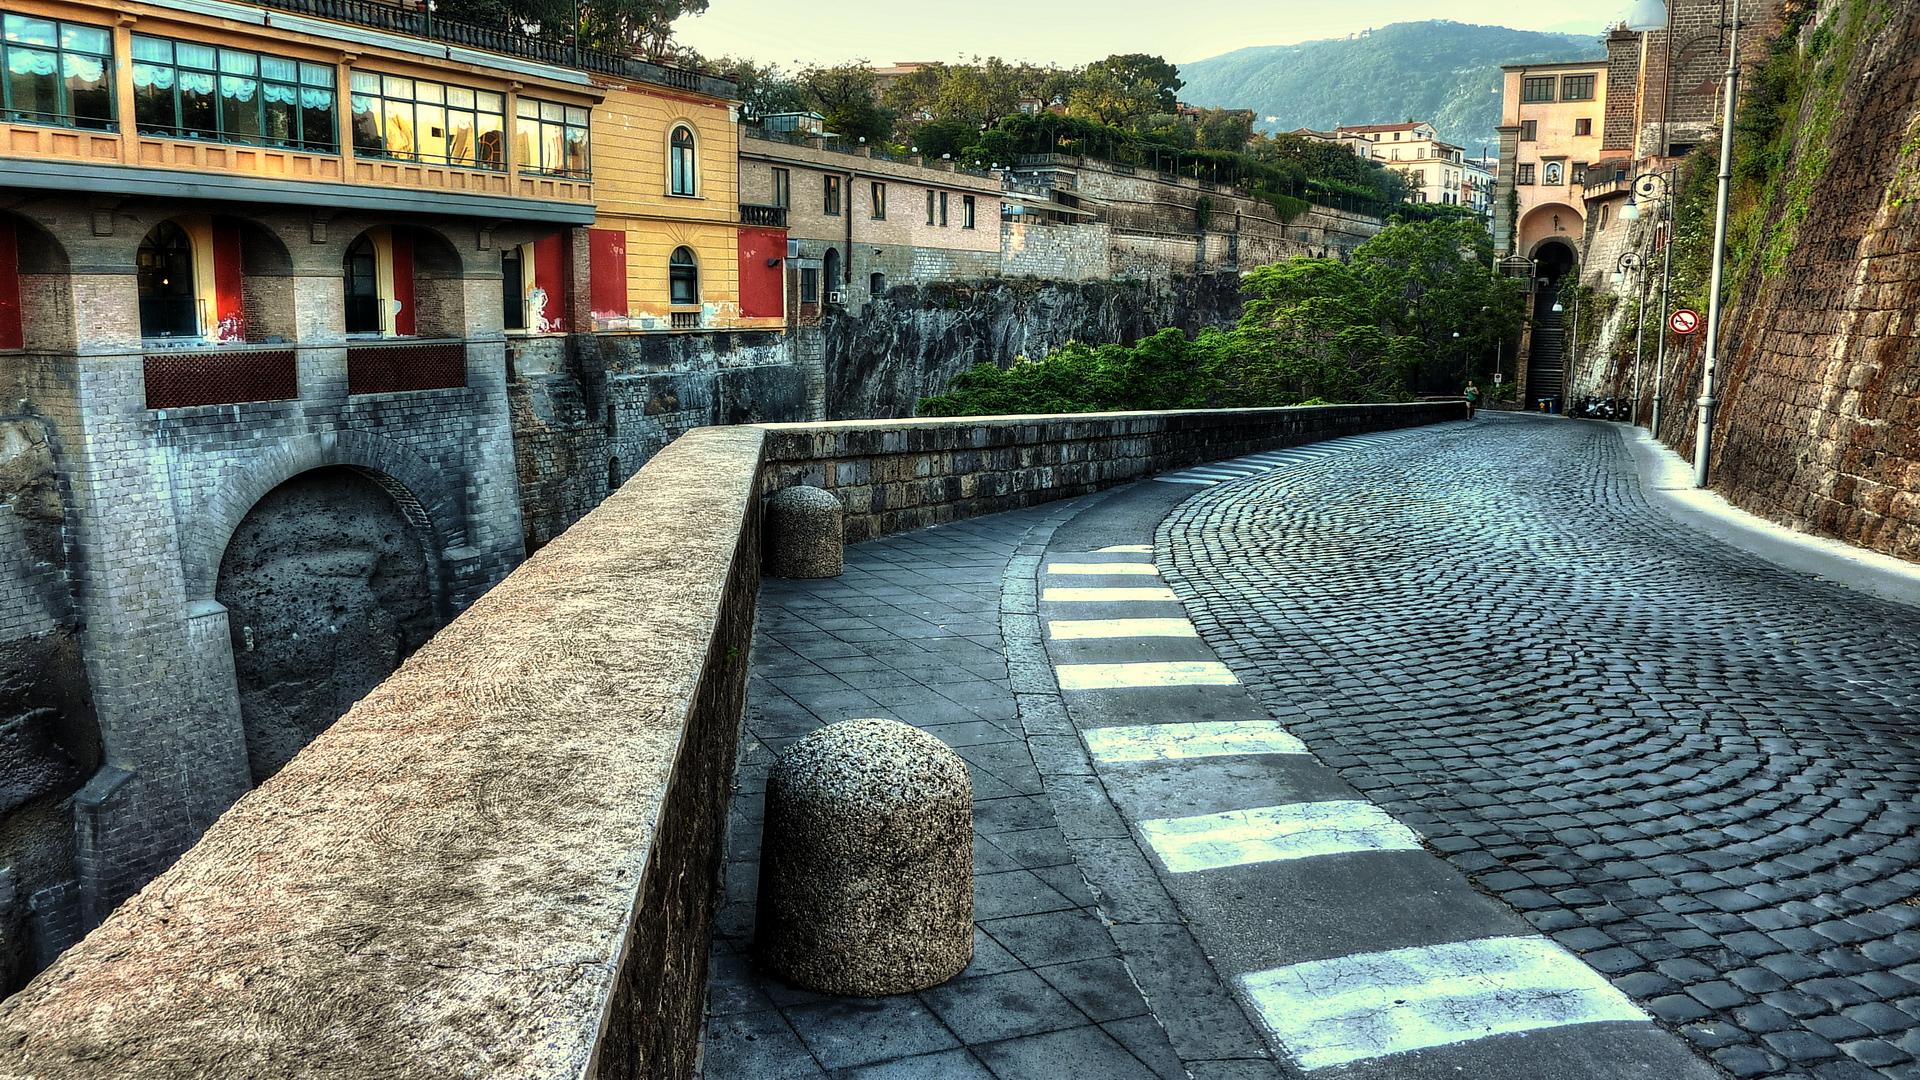 Masaüstü Duvar Kağıdı Italya Geniş Ekran En Iyi Kiracılar